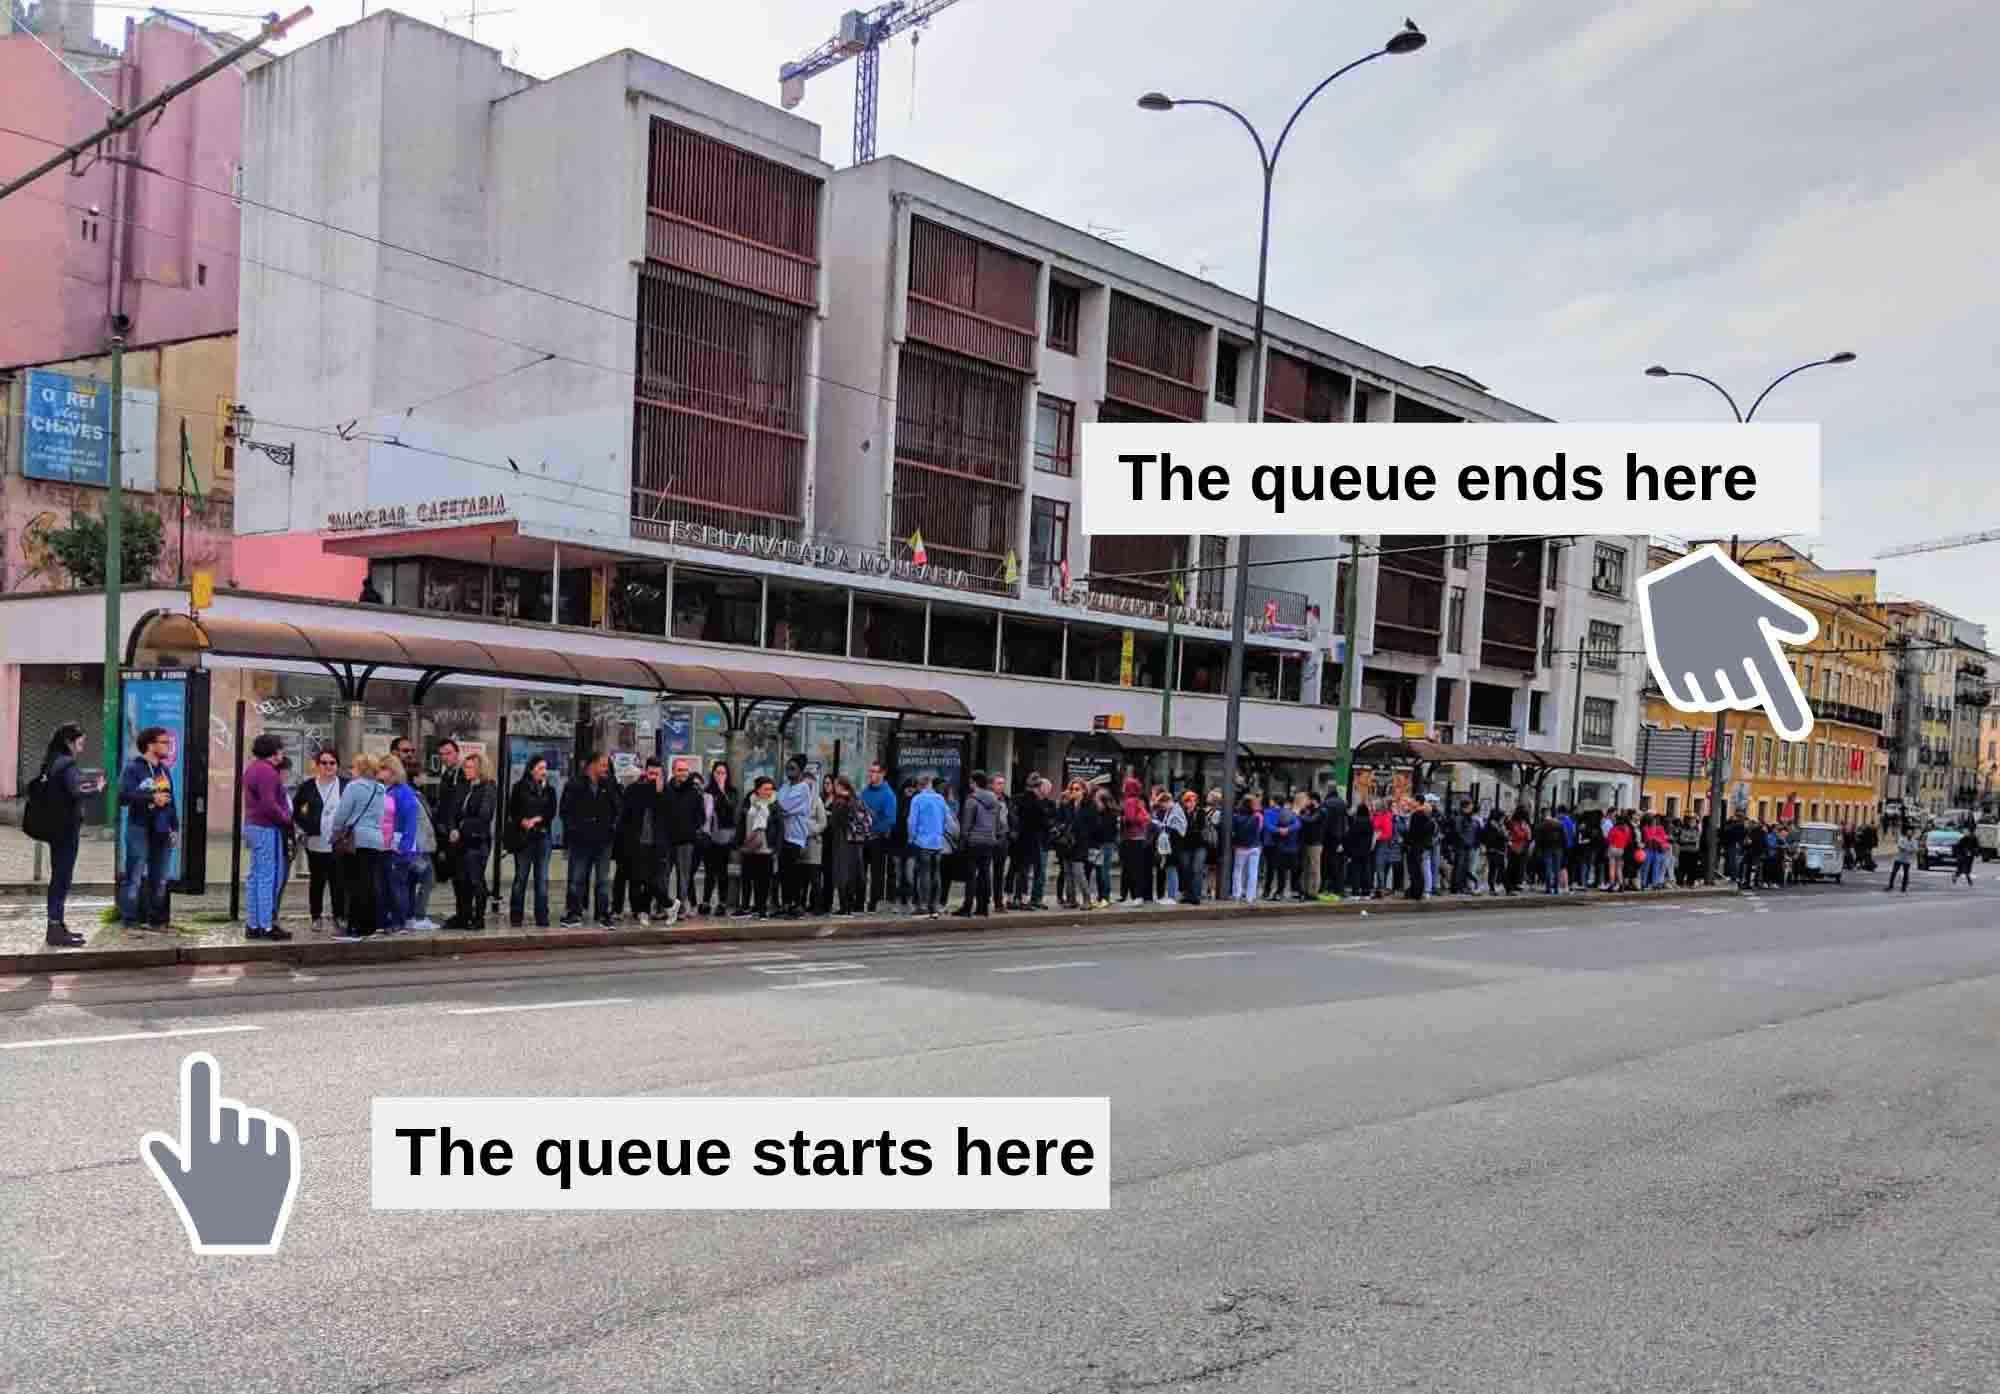 Tram 28 - the queues